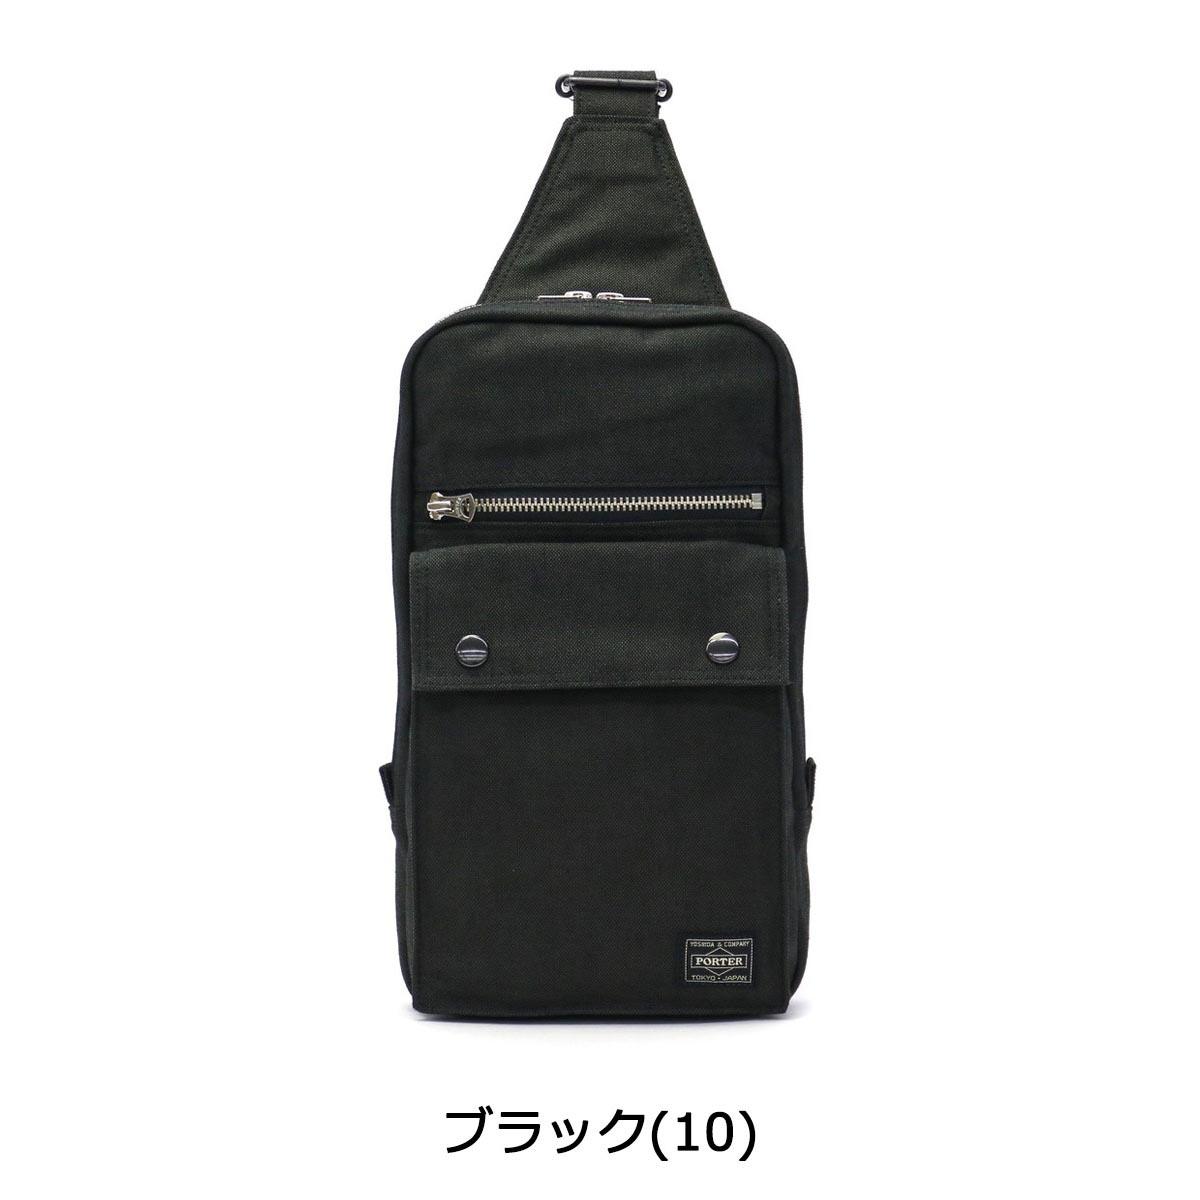 楽天市場 吉田カバン ポーター ワンショルダーバッグ スモ キー porter